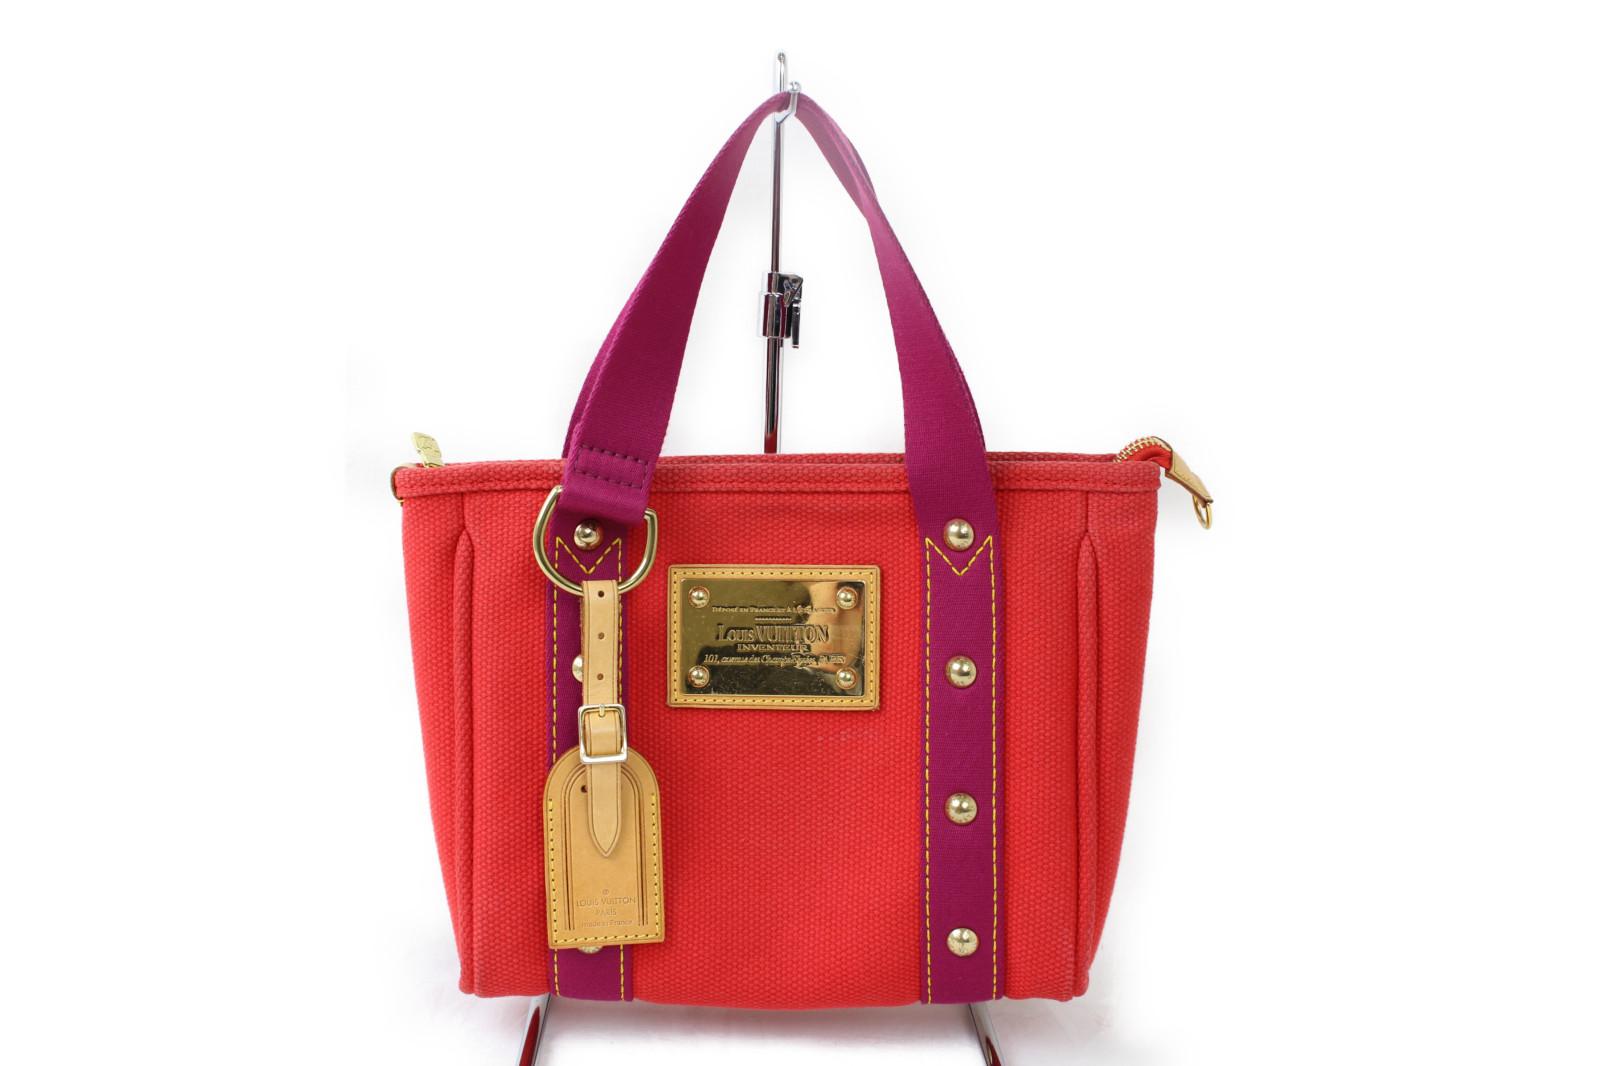 【☆レア商品☆】LOUIS VUITTON ルイヴィトンカバPM M40037アンティグアライン 赤 キャンバスハンドバッグ プレゼント包装可【中古】